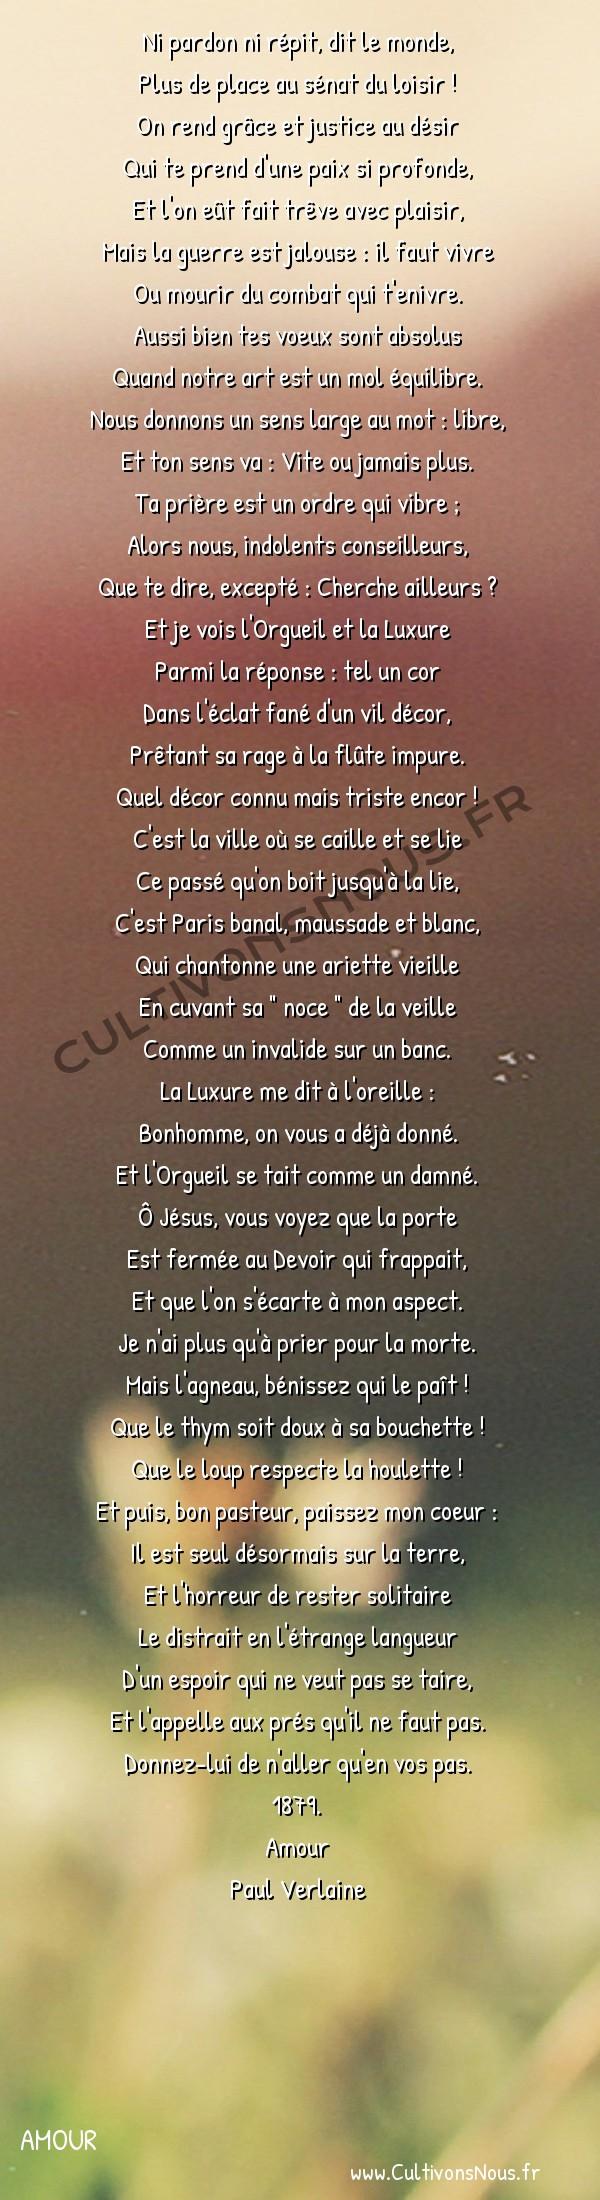 Poésie Paul Verlaine - Amour - Il parle encore -  Ni pardon ni répit, dit le monde, Plus de place au sénat du loisir !